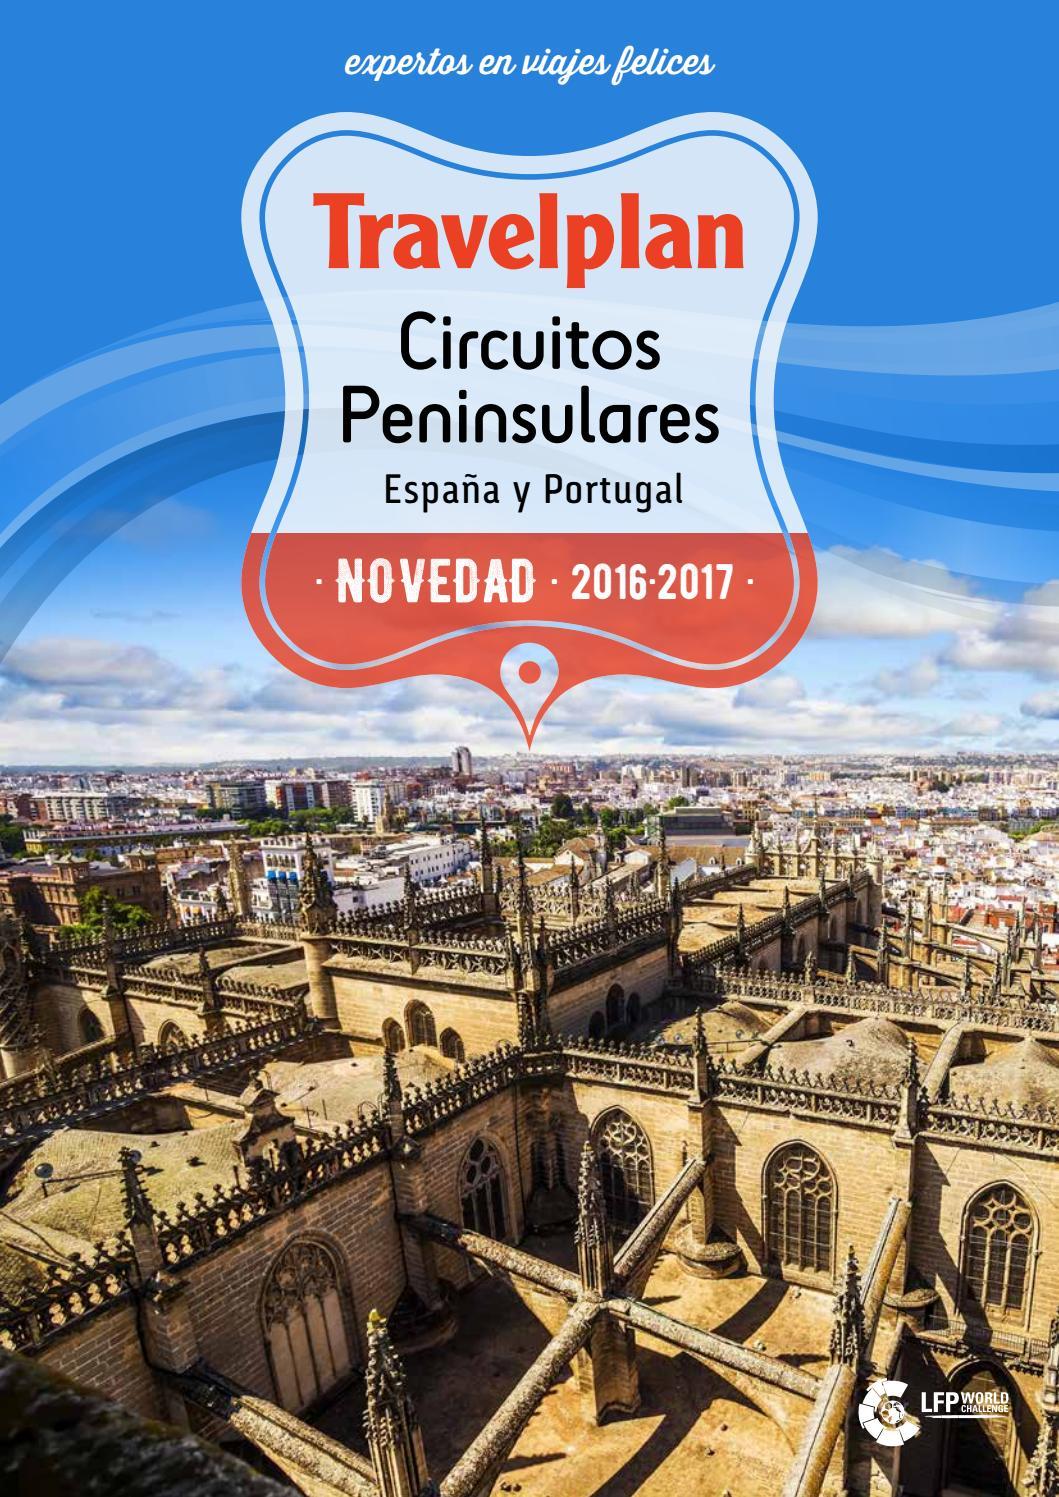 Travelplan Circuitos Peninsulares Novedad 2016 2017 By Globalia  # Muebles Mezquita Alcanices